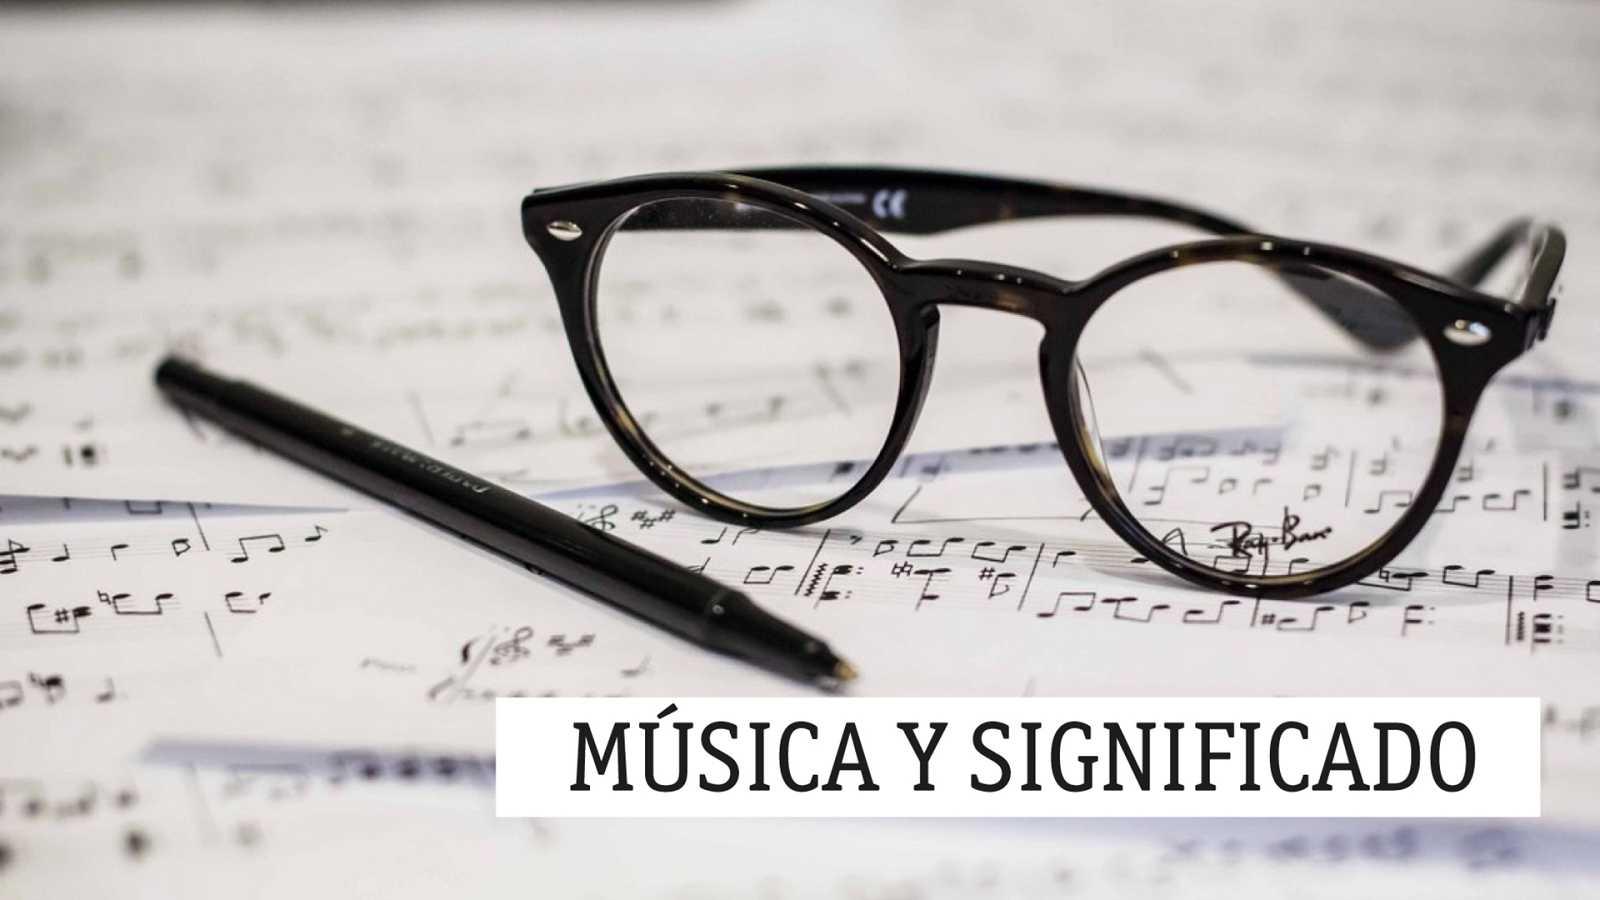 Música y significado - MENDELSSOHN: Concierto para violín - 1809/20 - escuchar ahora